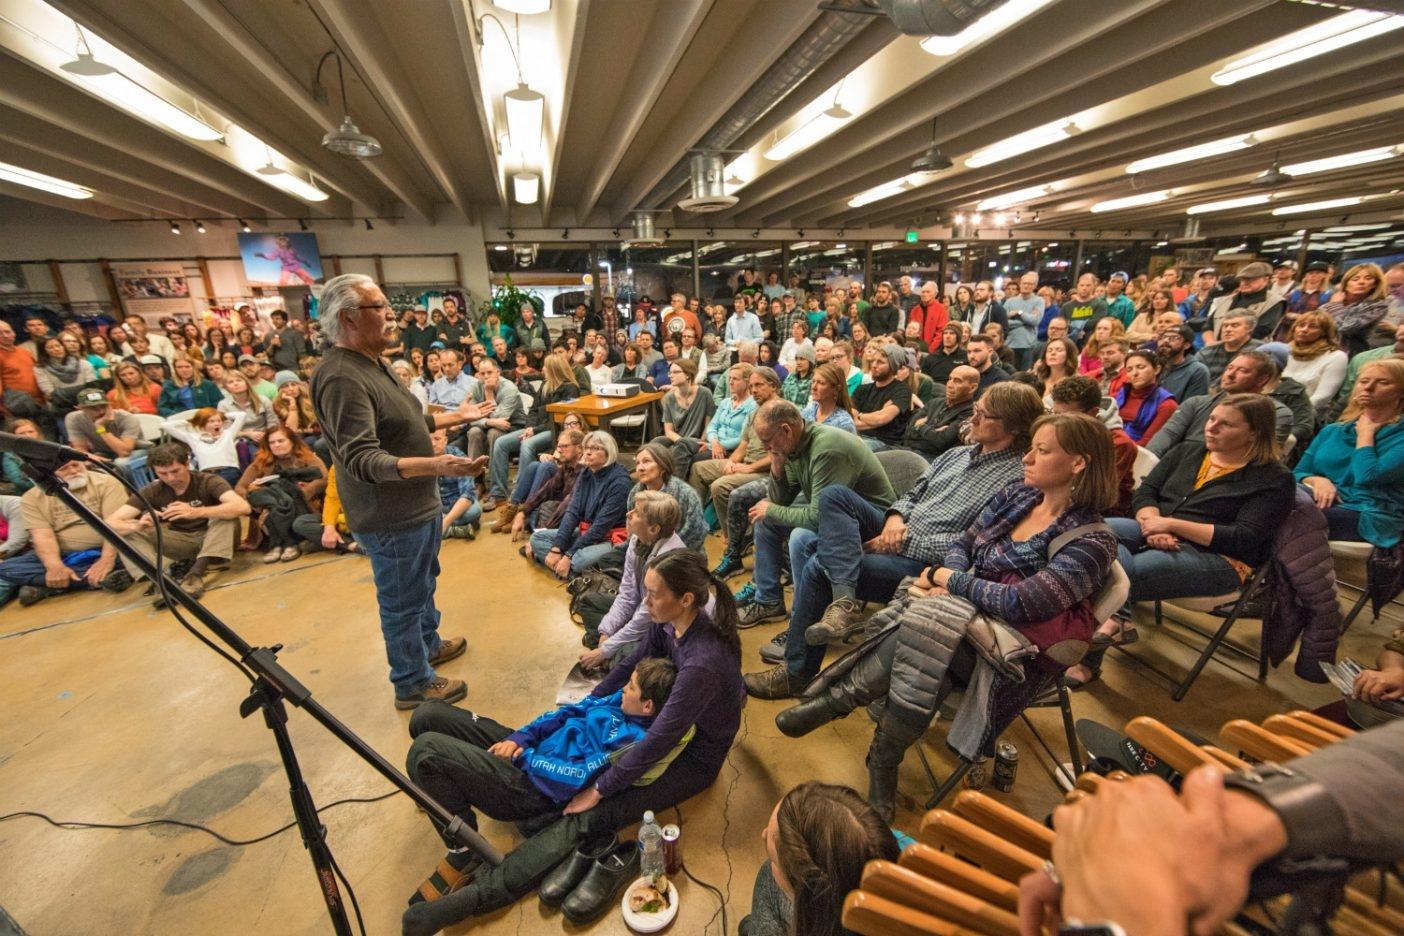 パタゴニアのソルトレイク・シティ・ストアで開催されたマルチメディアのプレゼンテーションでベアーズ・イヤーズの魅力について語る〈ユタ・ディネ・ビケヤ〉の評議委員会の会長ウィリー・グレイアイズ。Photo: Andrew Burr